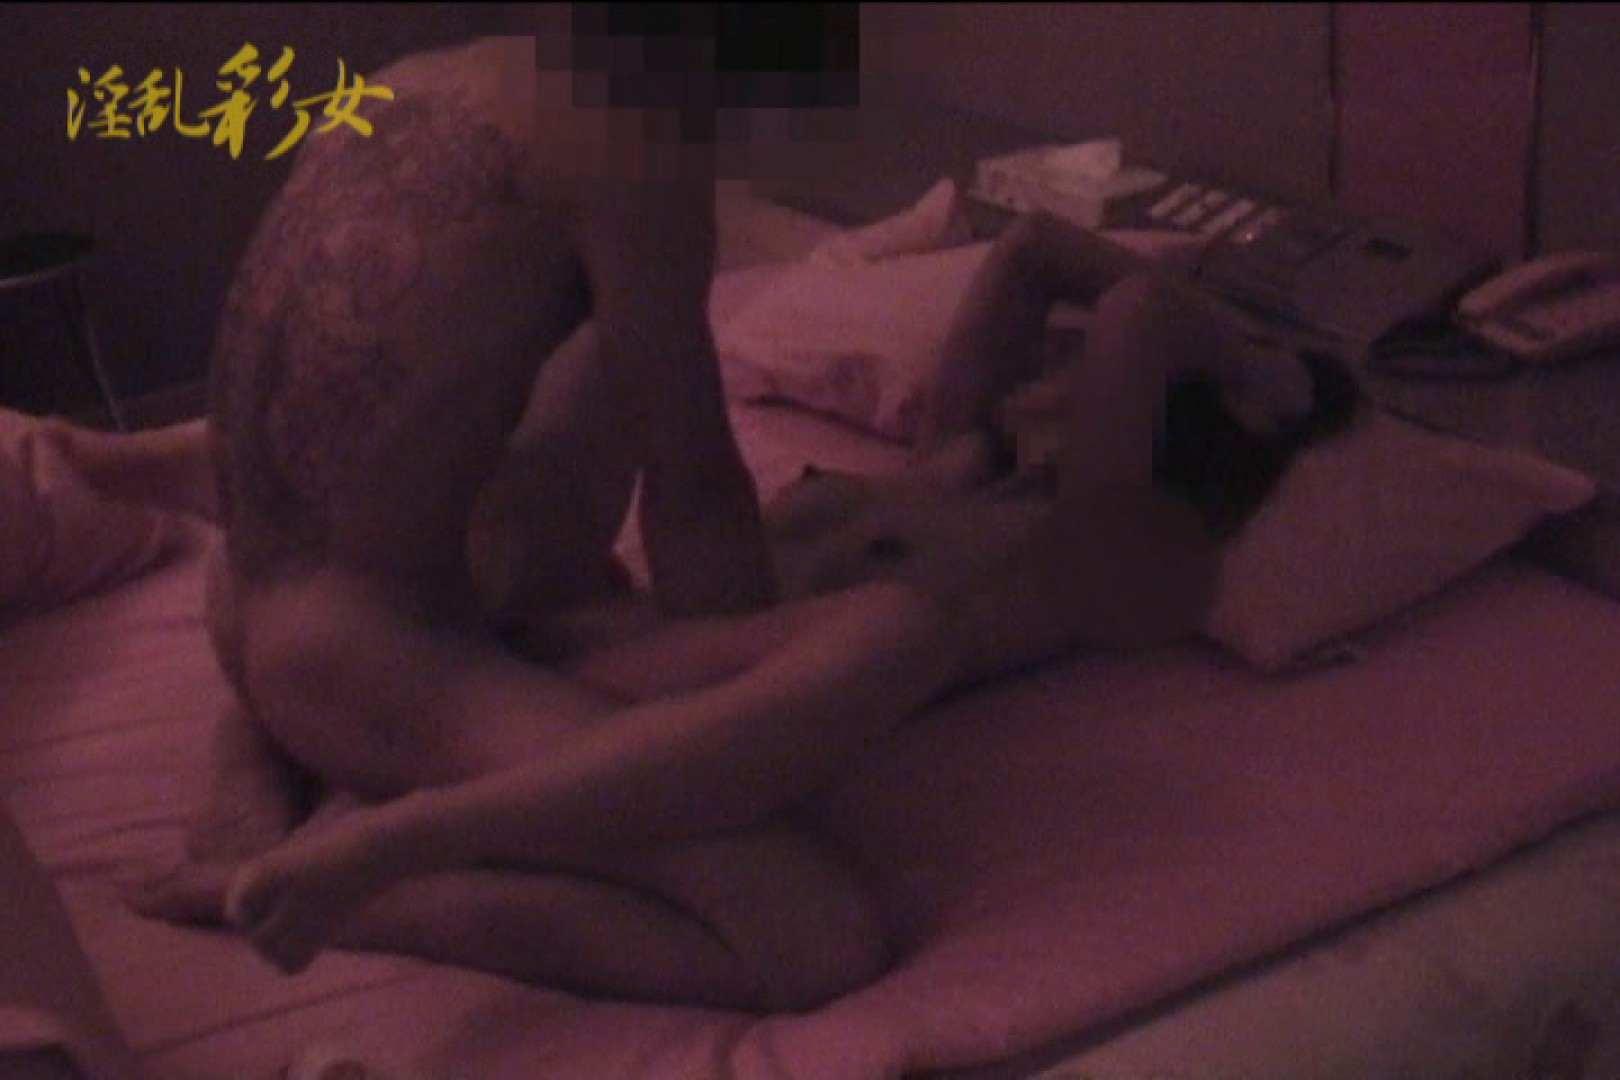 淫乱彩女 麻優里 旦那の前で王様ゲーム SEX映像 AV無料動画キャプチャ 85pic 23